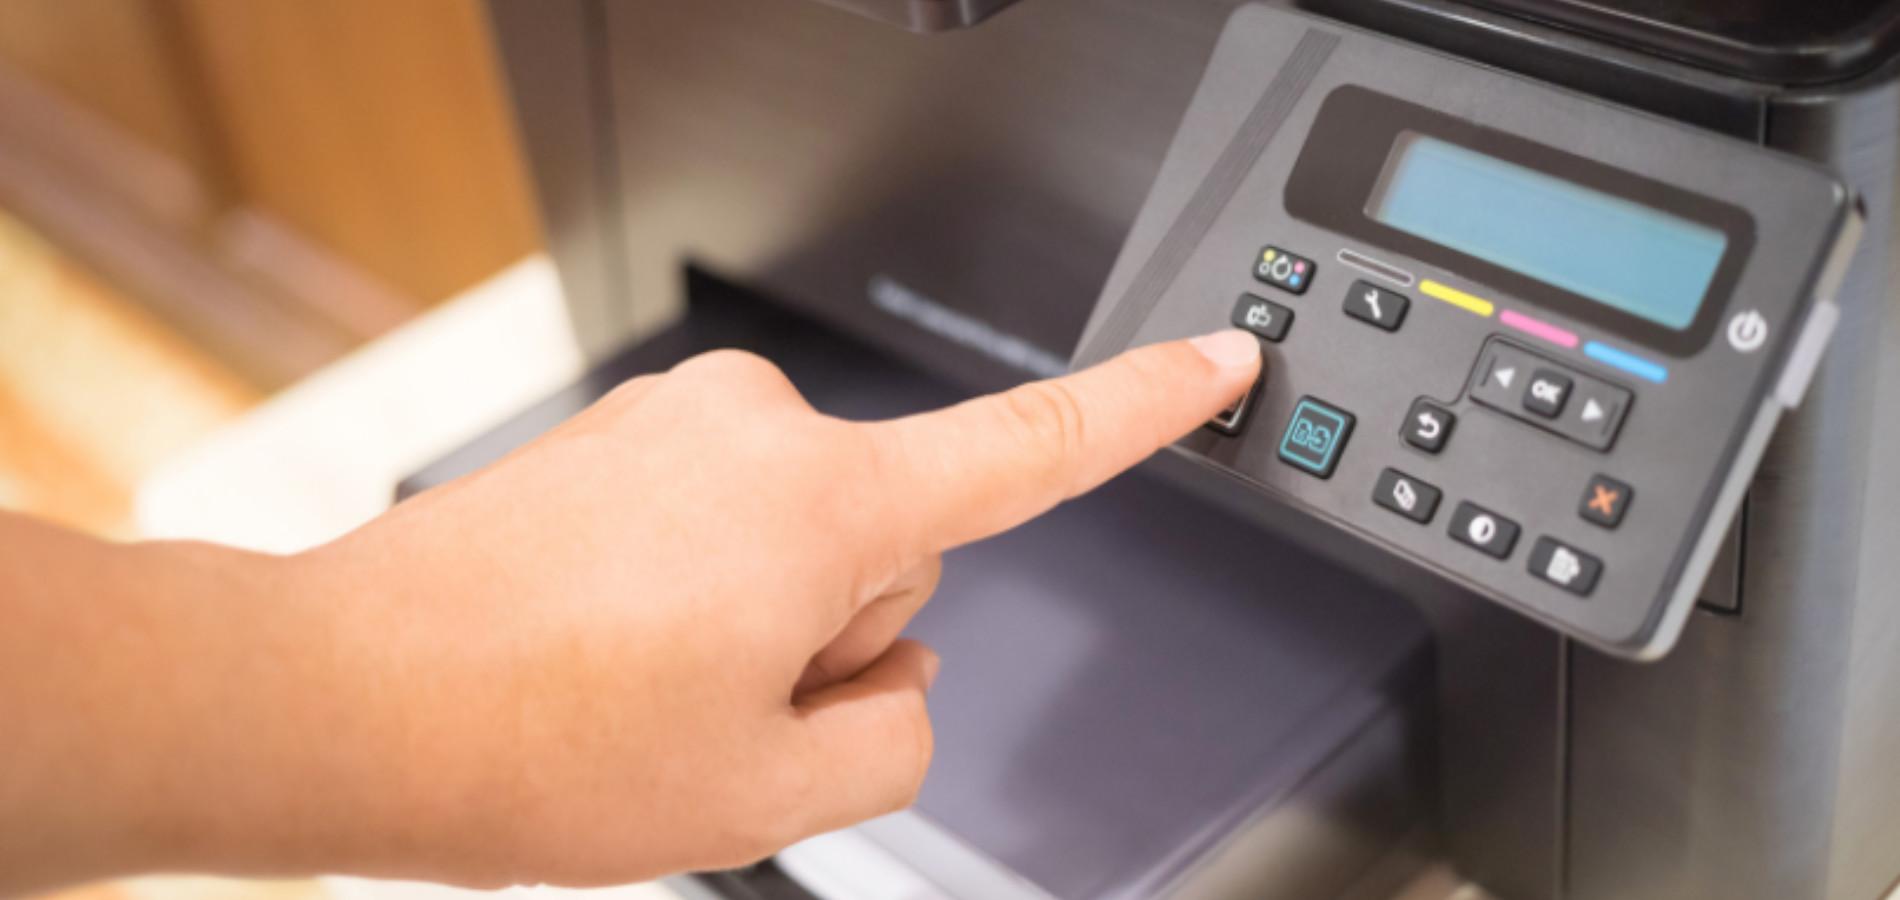 Druckaufträge können Sie am Gerät oder auf in der Warteschleife löschenlöschen